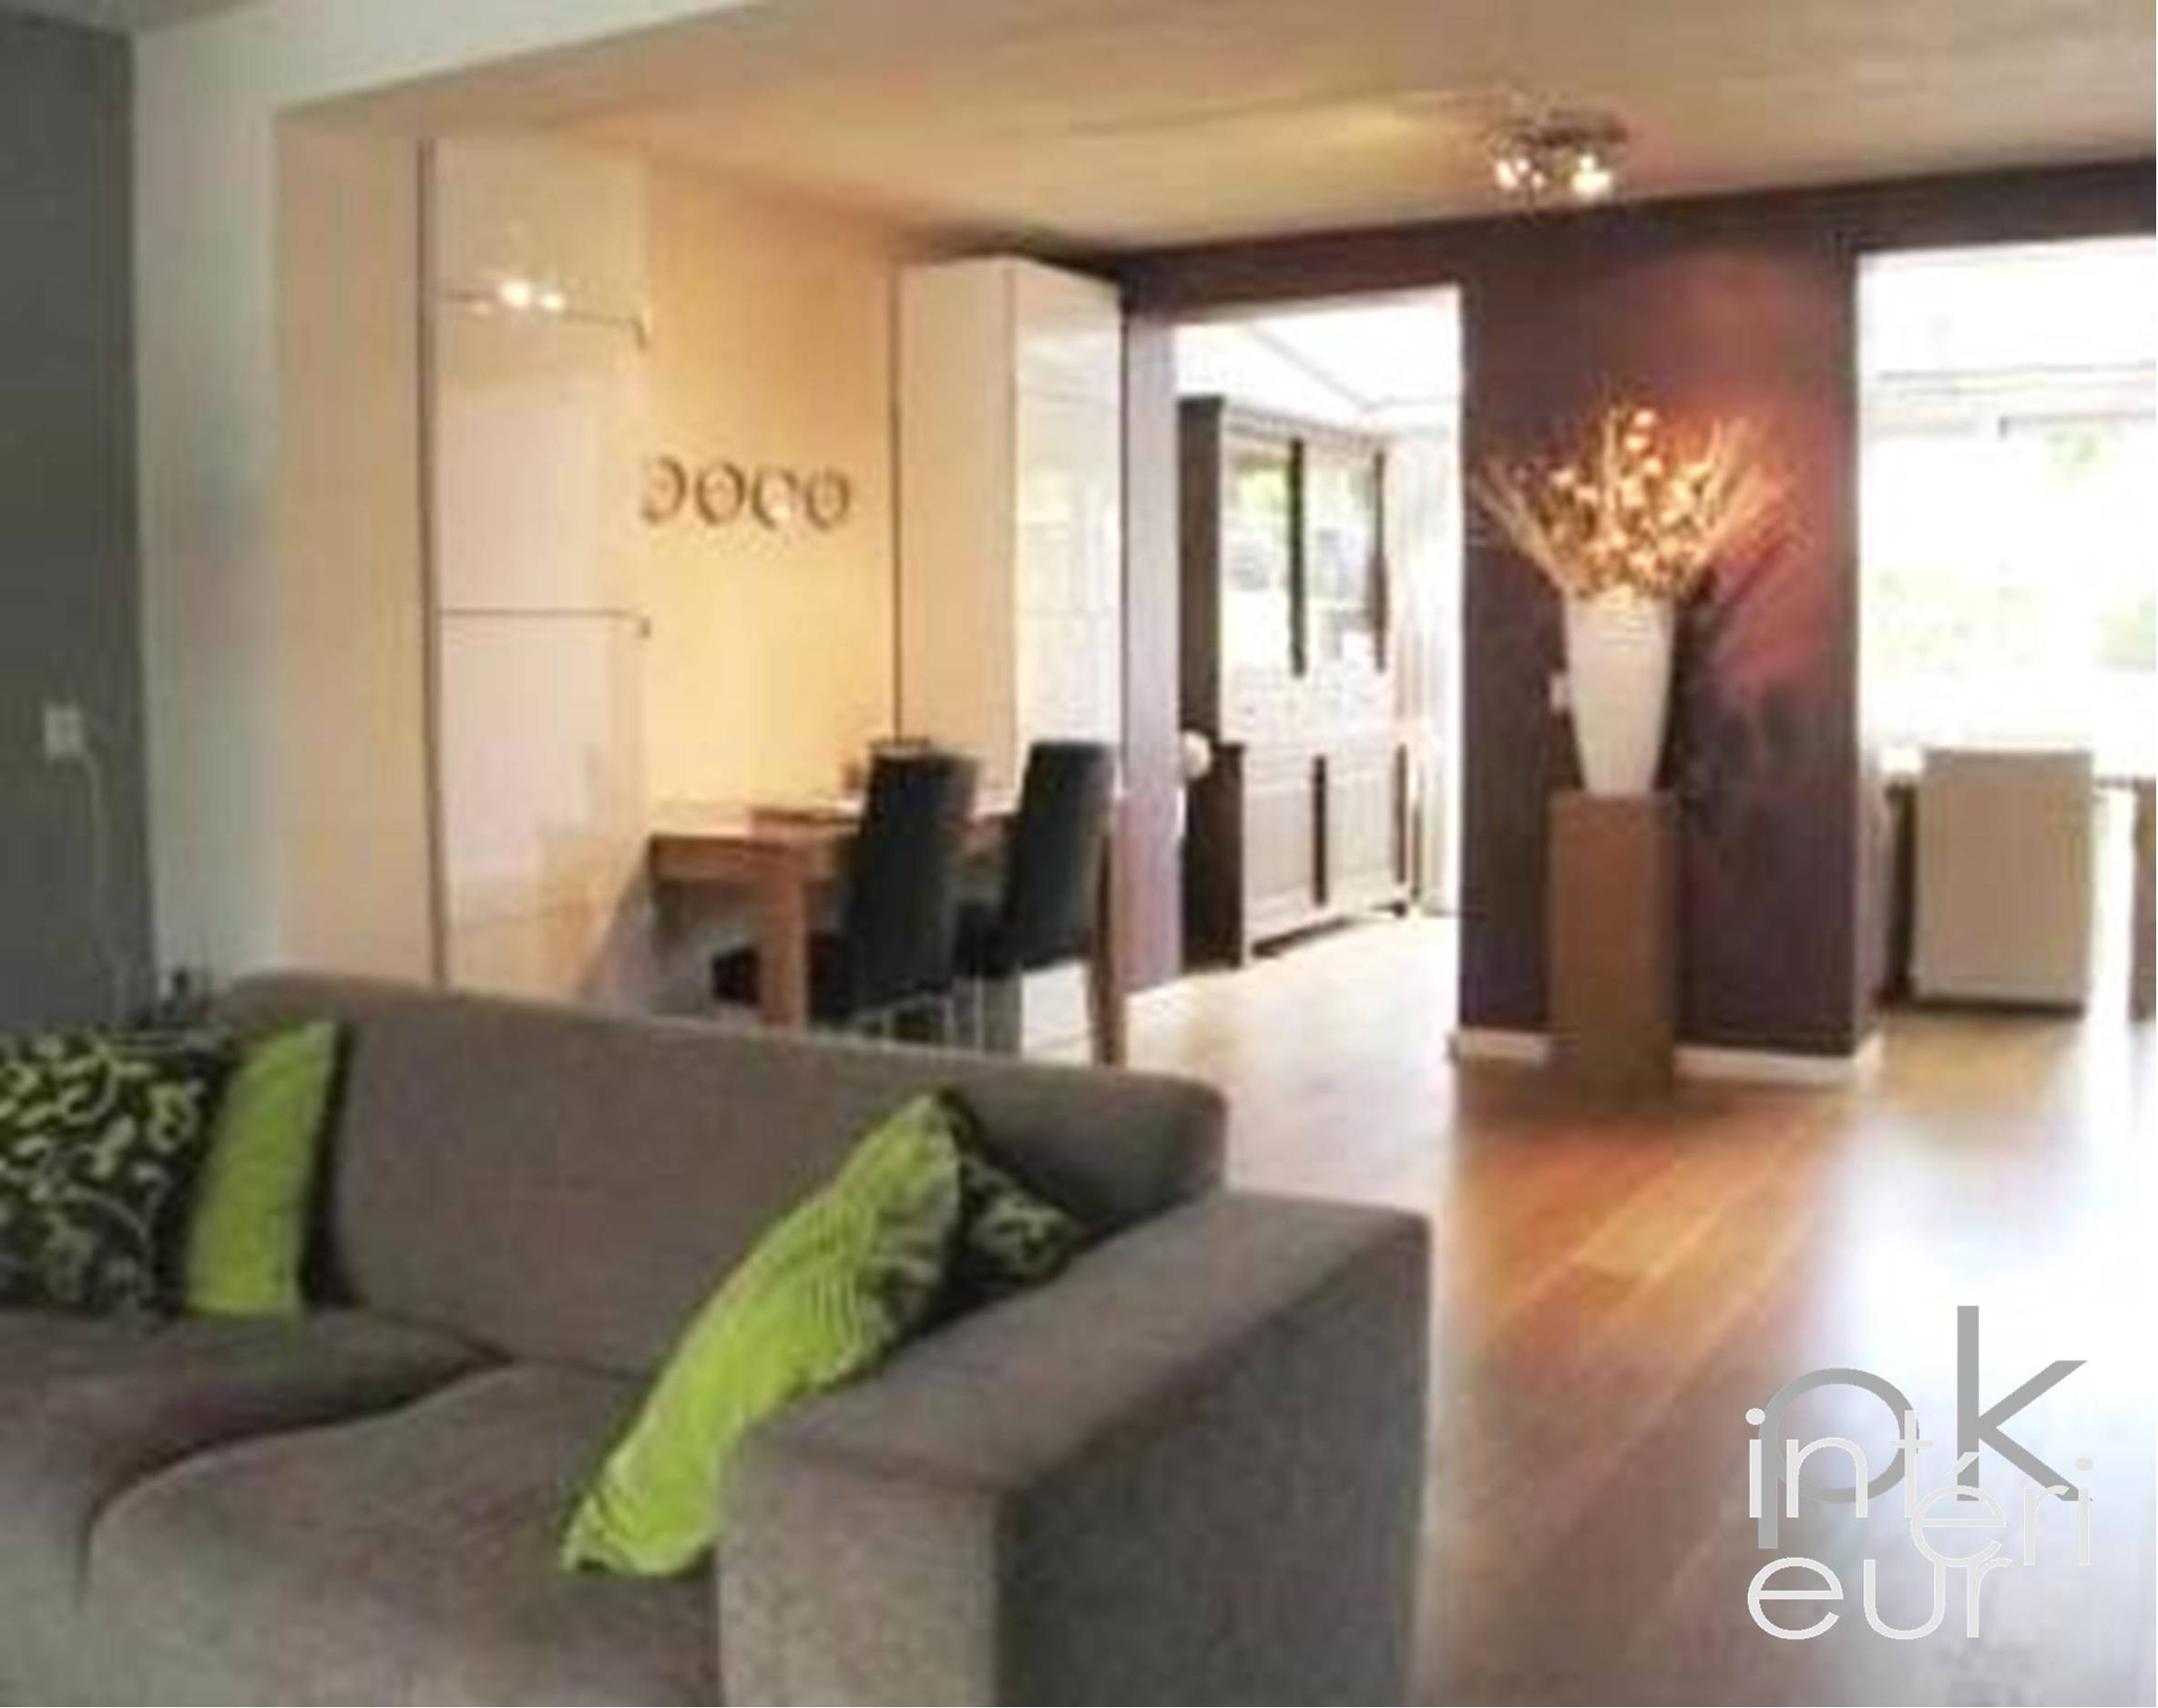 Pk interieur ontwerp inricthing en advies voor uw woonkamer eetkamer of uitbouw in den bosch - Eetkamer en woonkamer ...